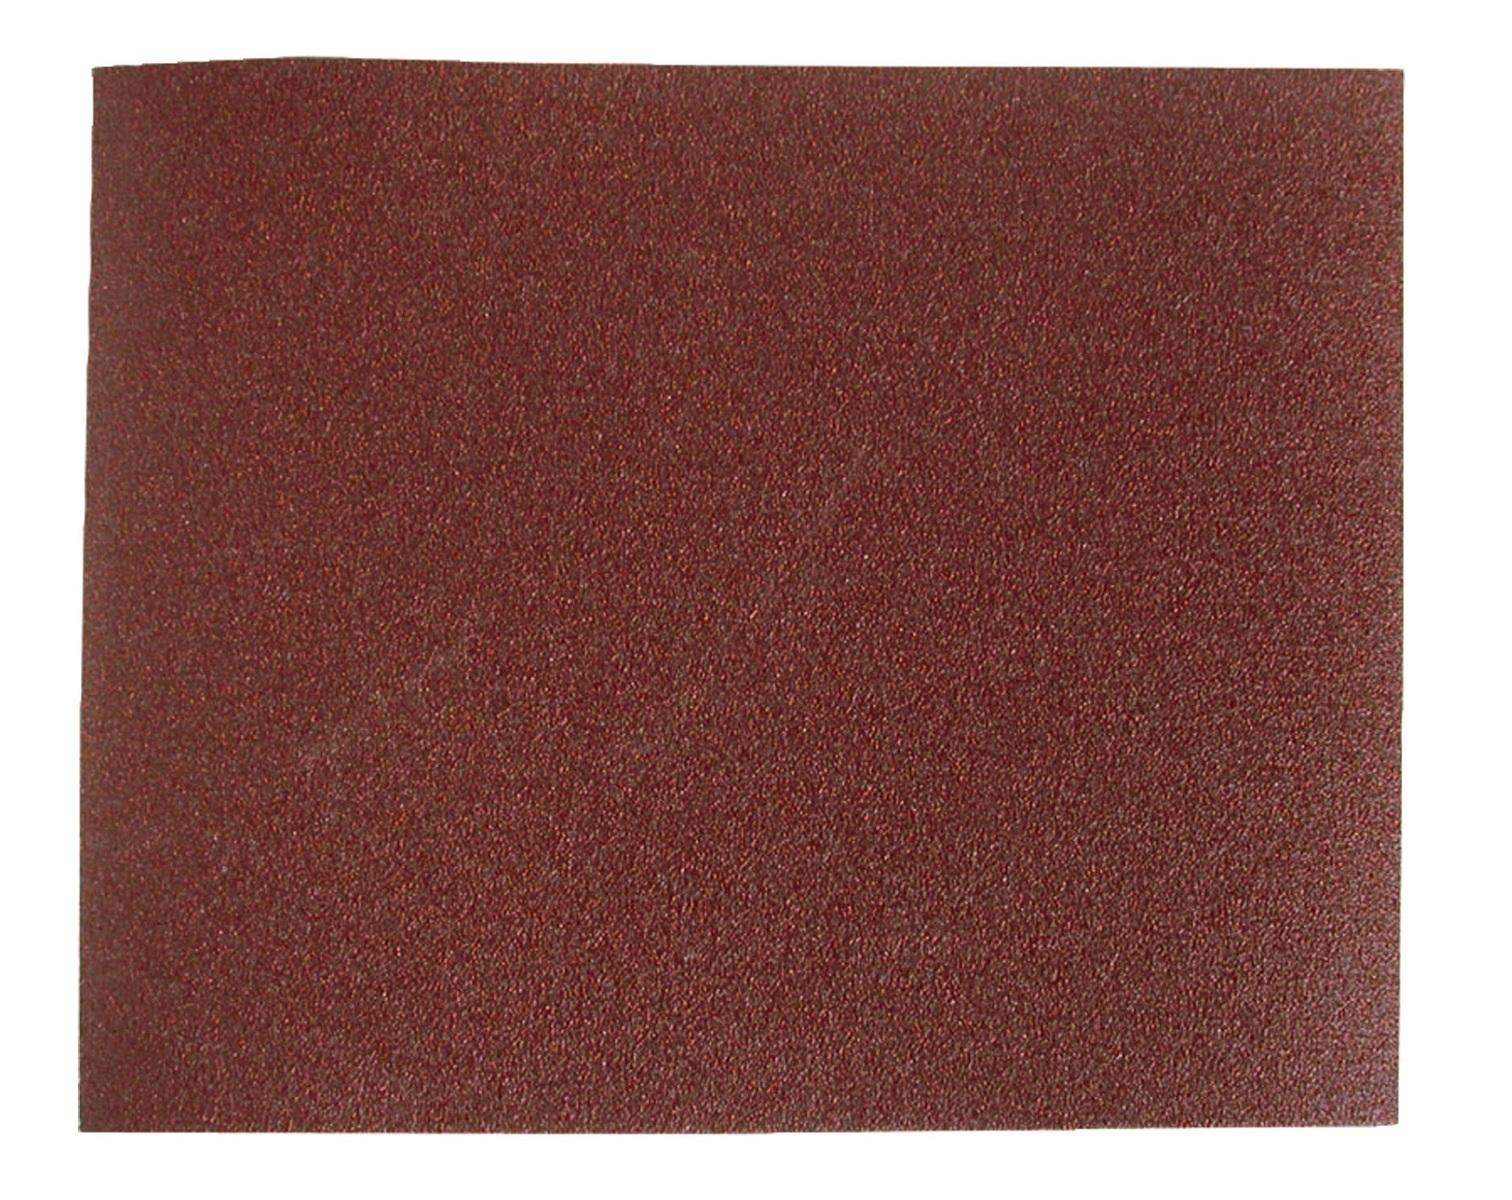 Brusná plátna - archy, různé hrubosti, 230 x 280 mm, 10 ks